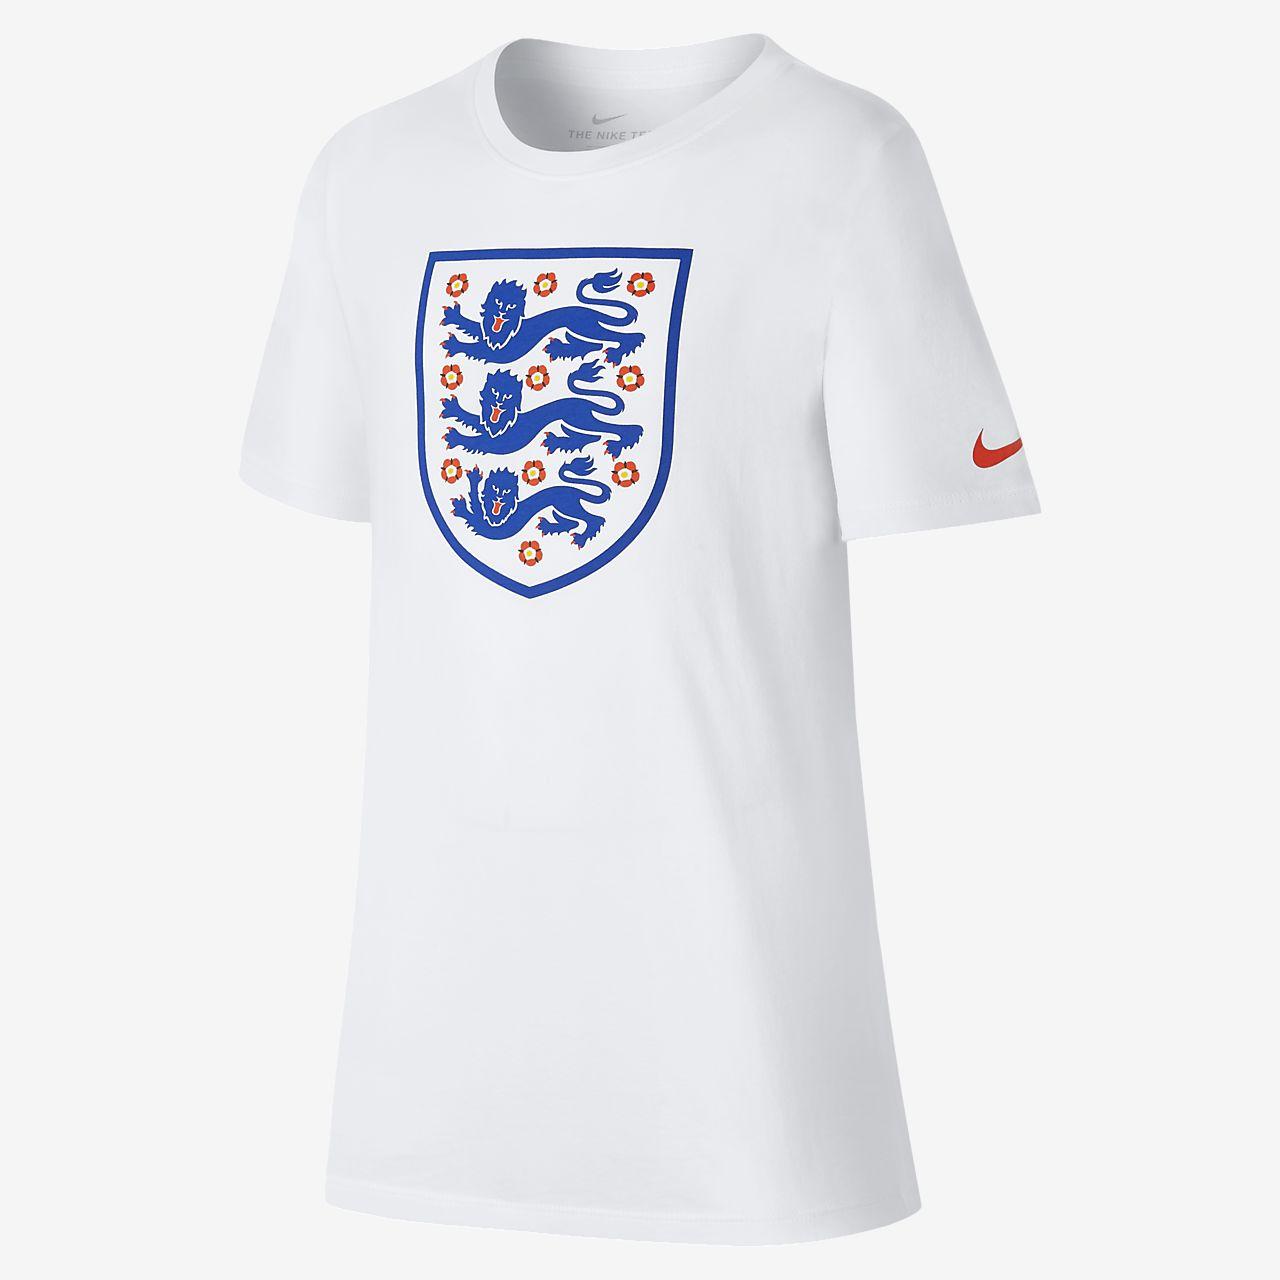 England Crest Older Kids' (Boys') T-Shirt